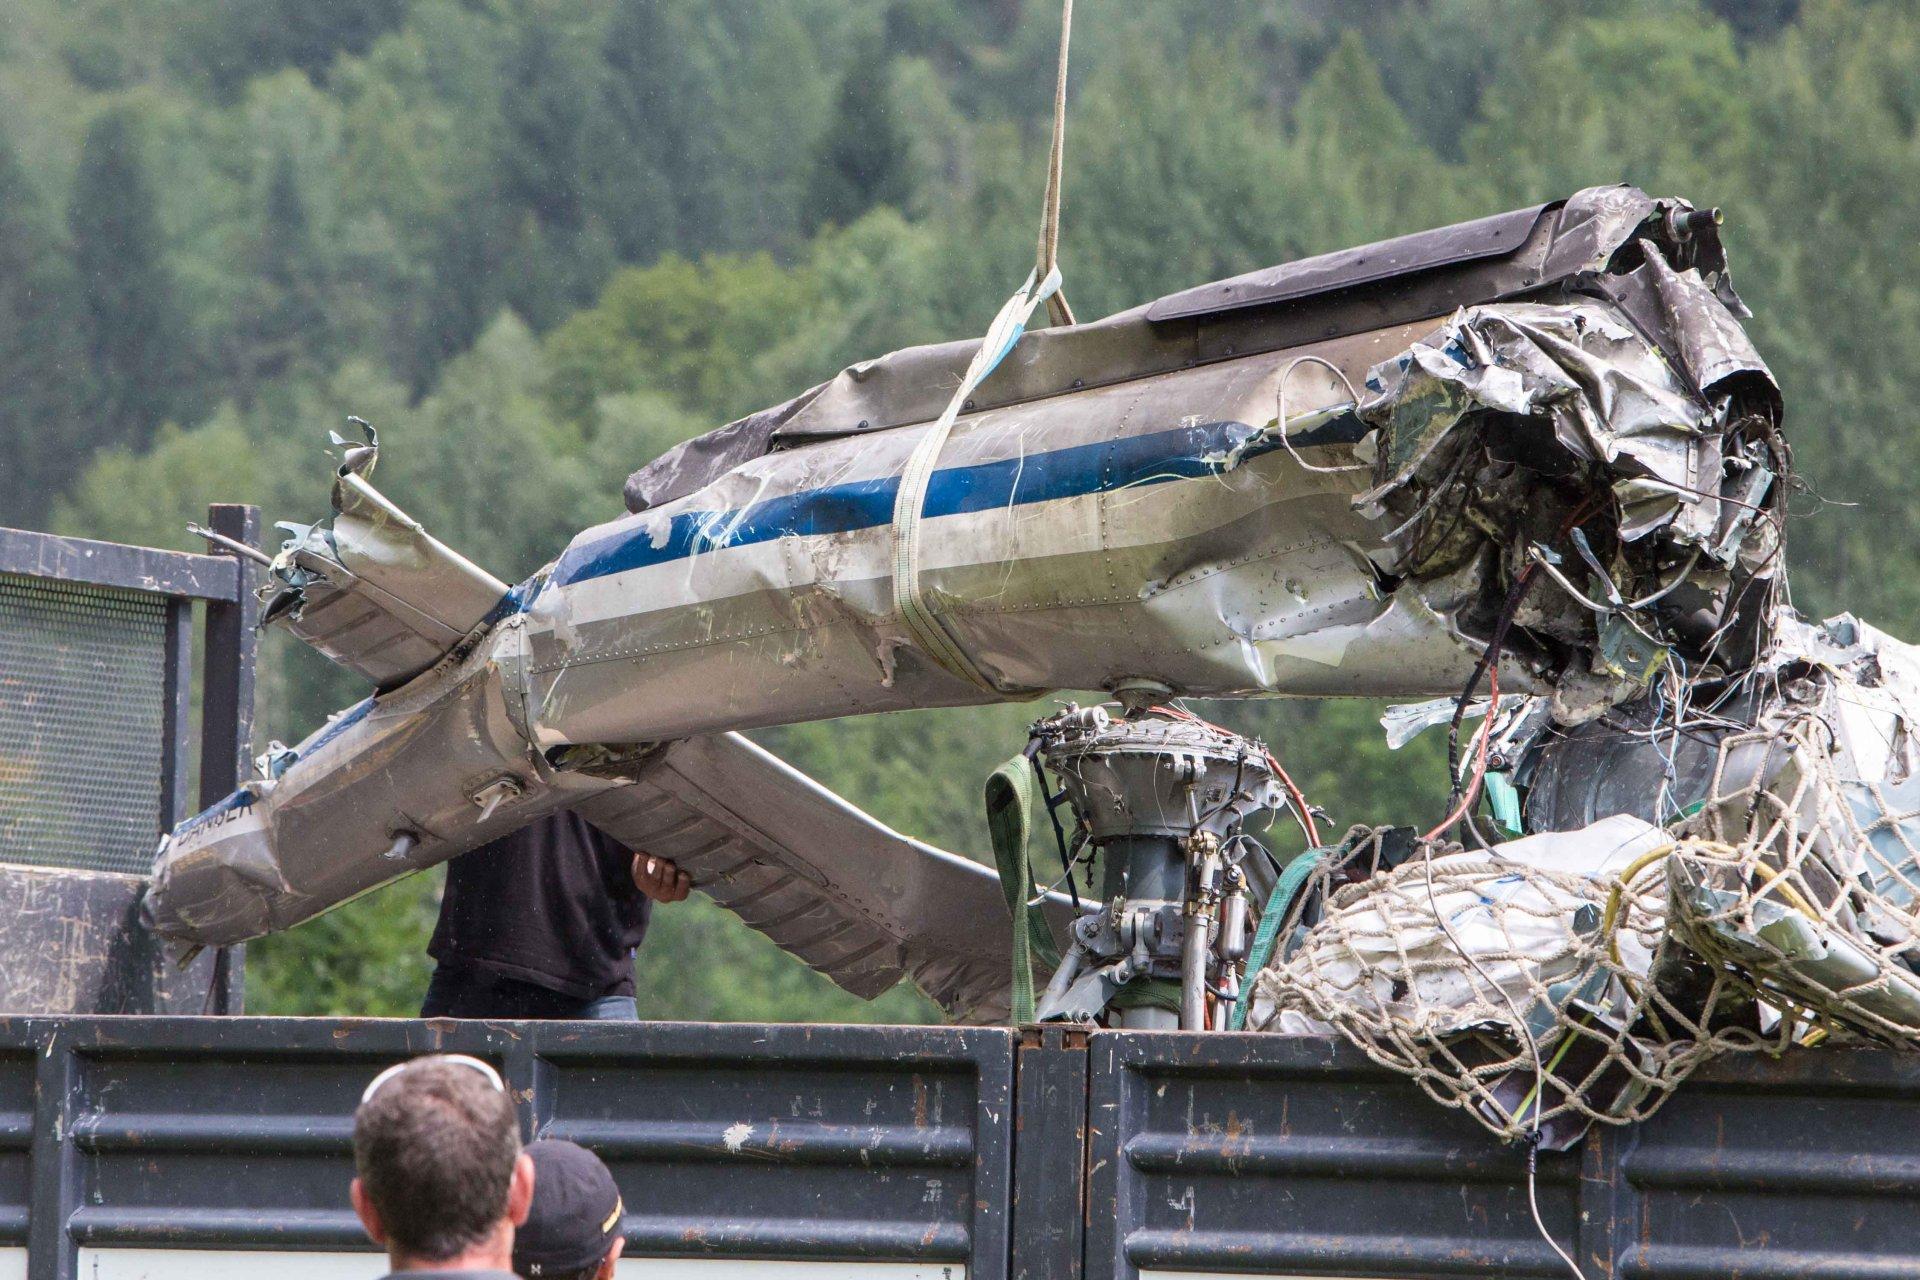 Elicottero Caduto : Elicottero caduto si farà il processo giornale di sondrio